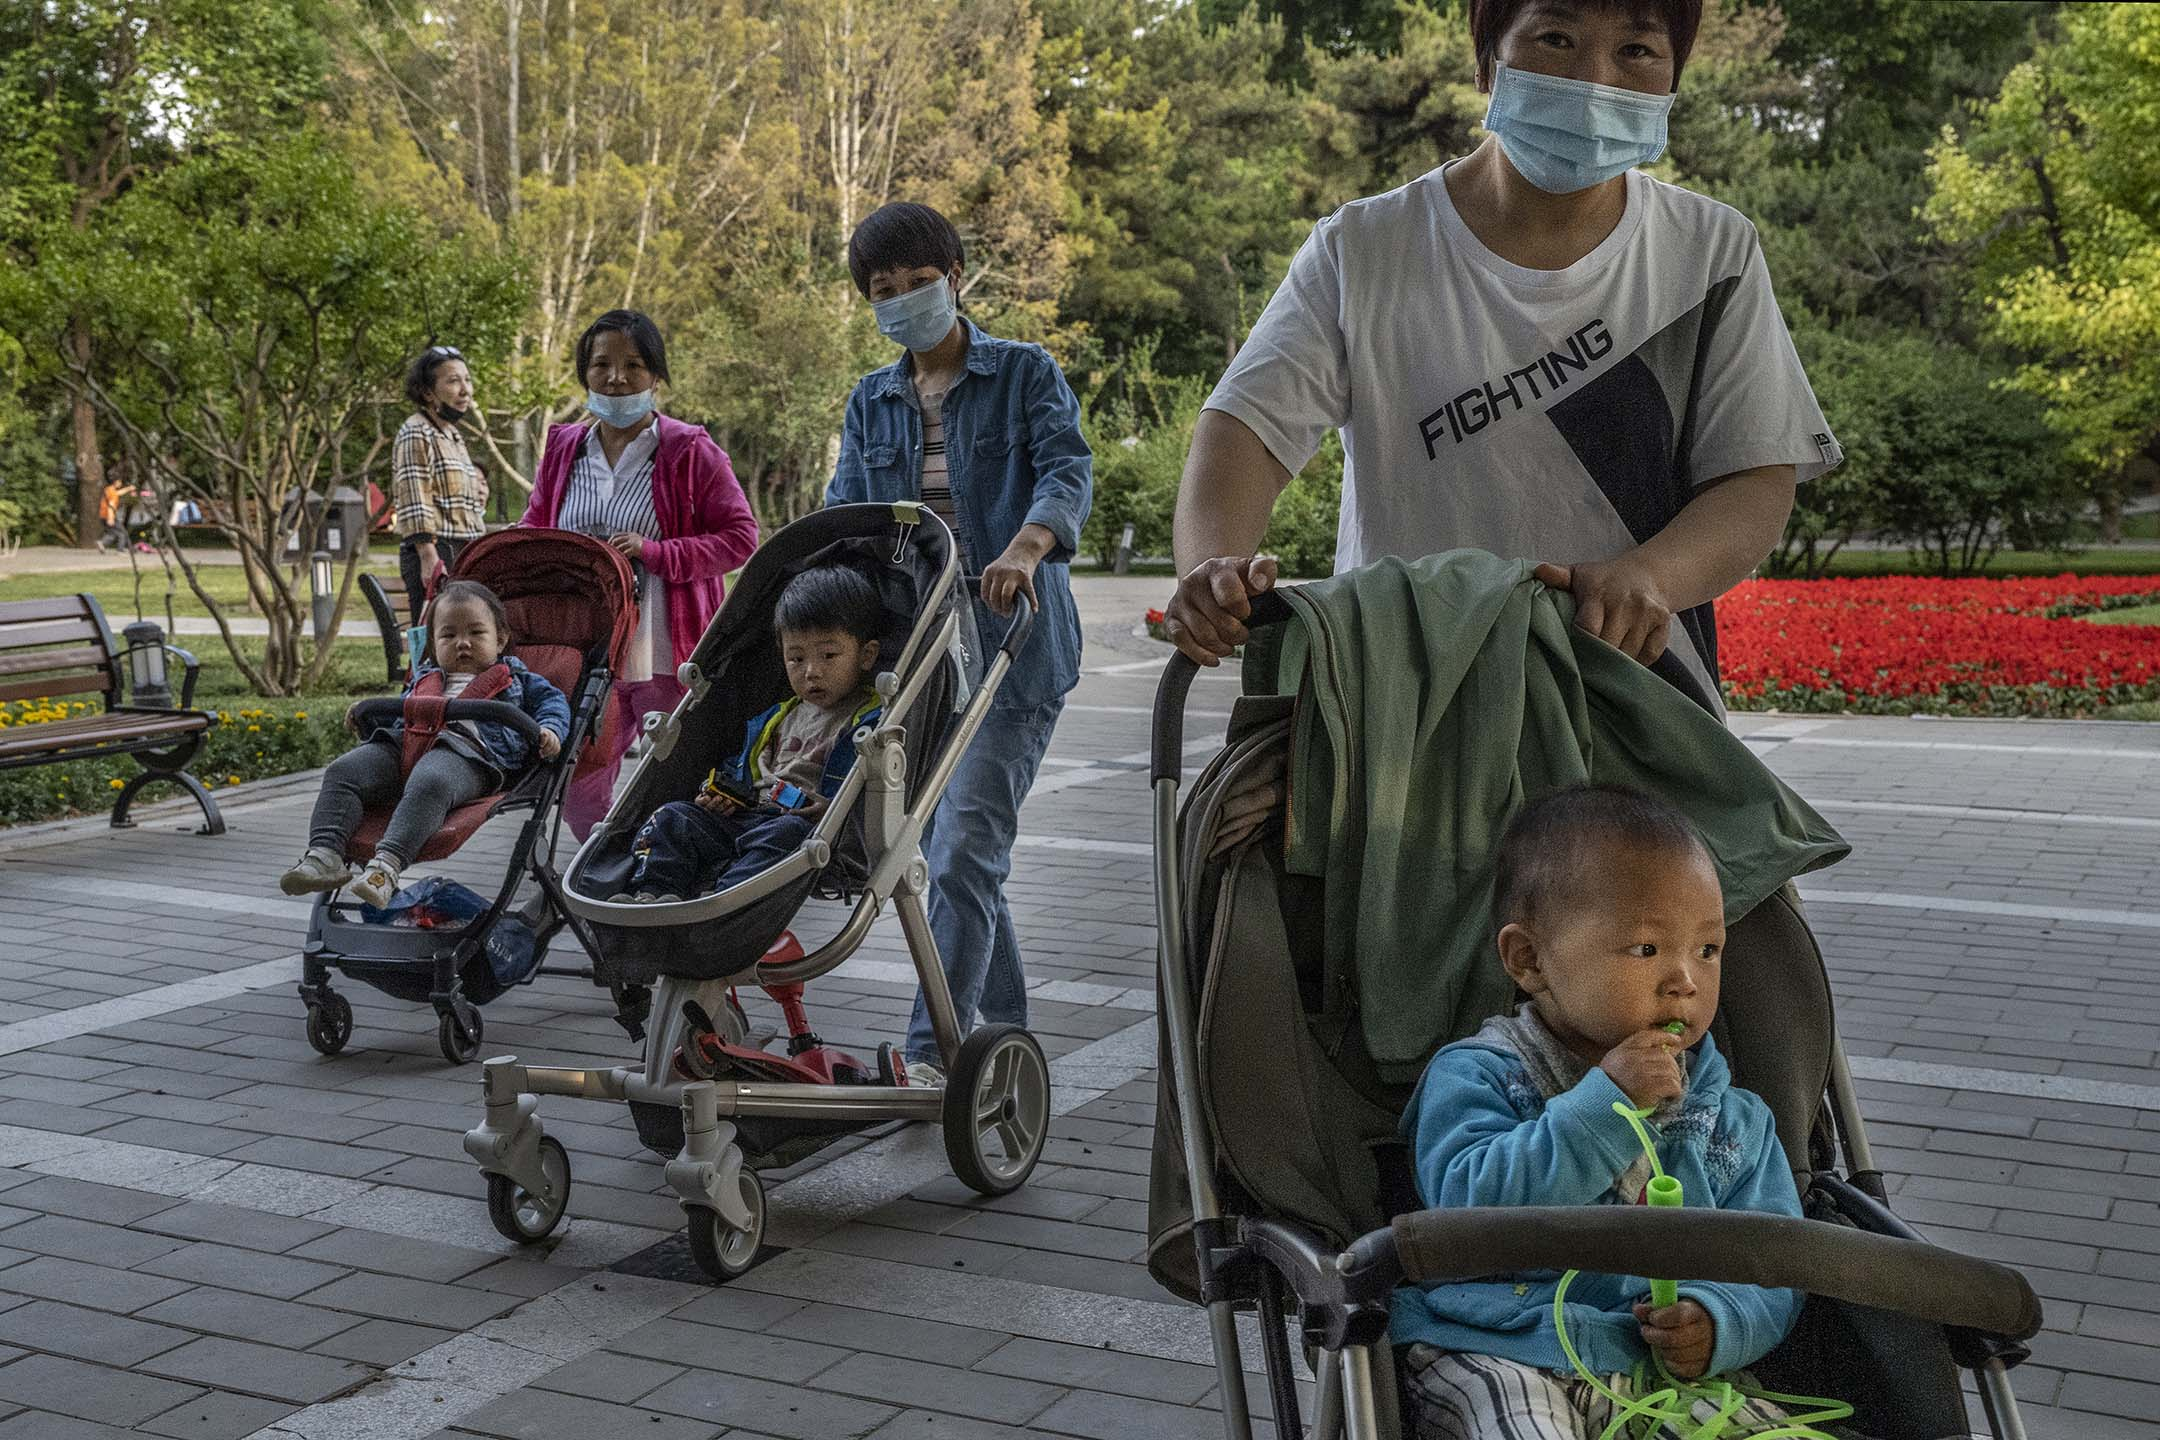 2021年5月12日中國北京 ,一個地方公園裡婦女們推著孩子逛公園。